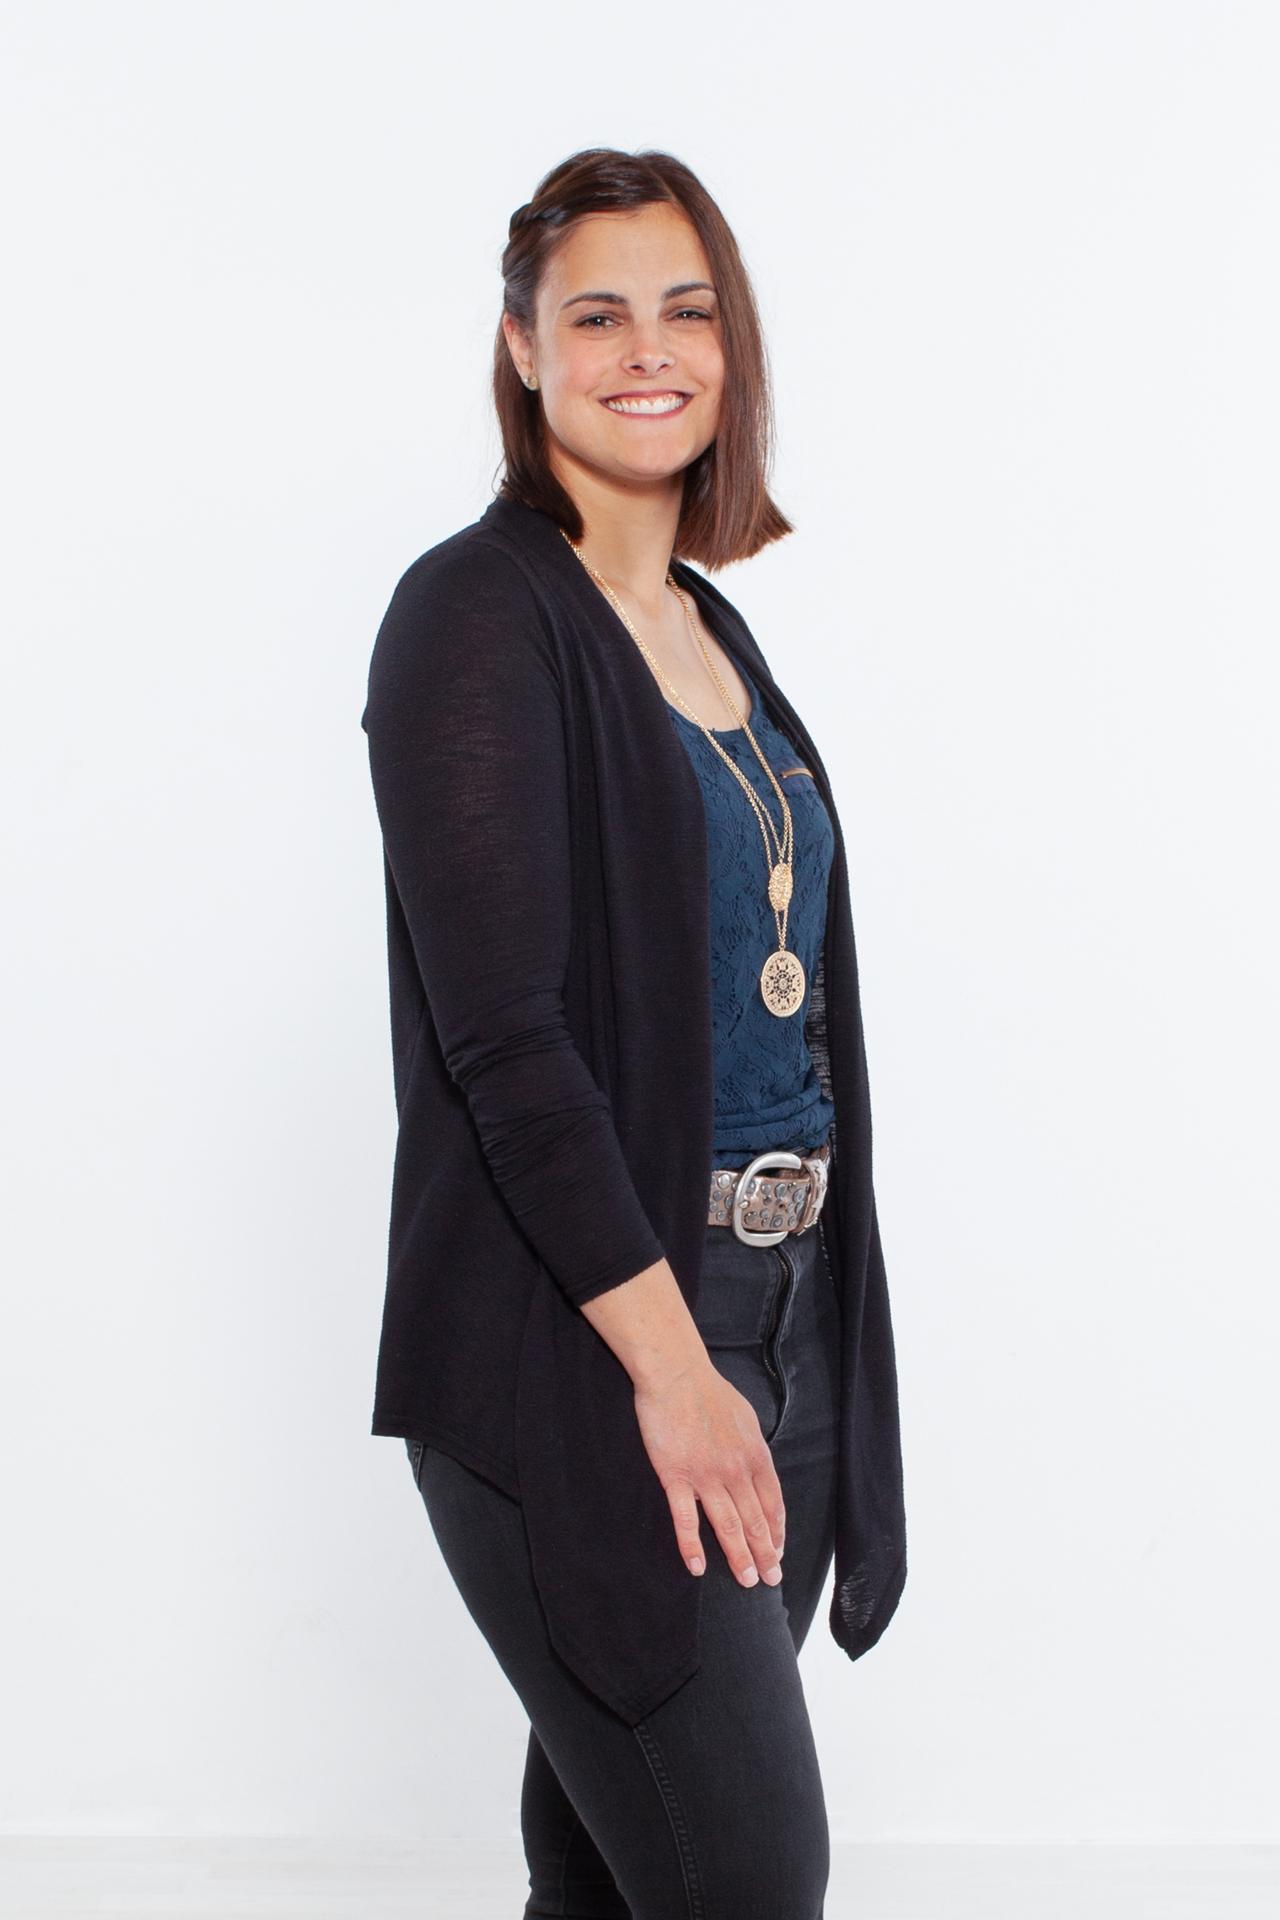 Jessica Kranz